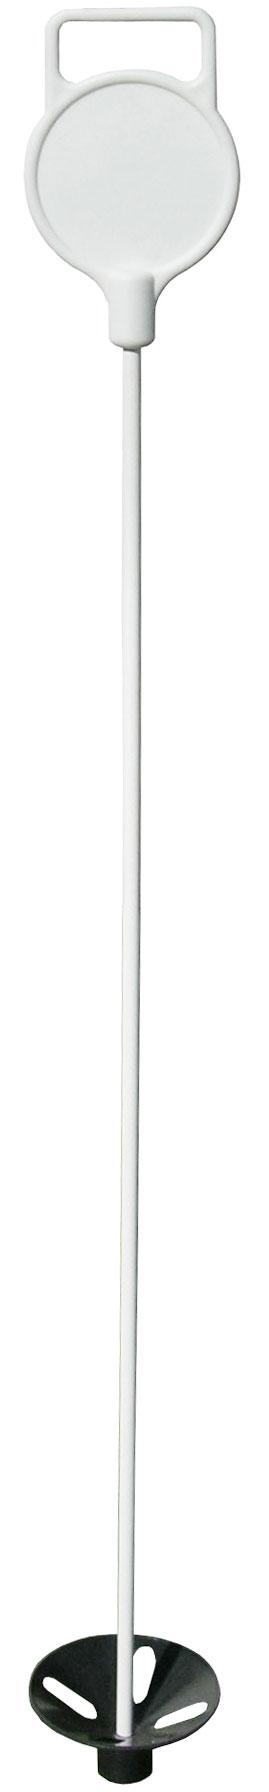 เสาธงกรีนมาร์คเกอร์  2.5 ฟุต สีขาว